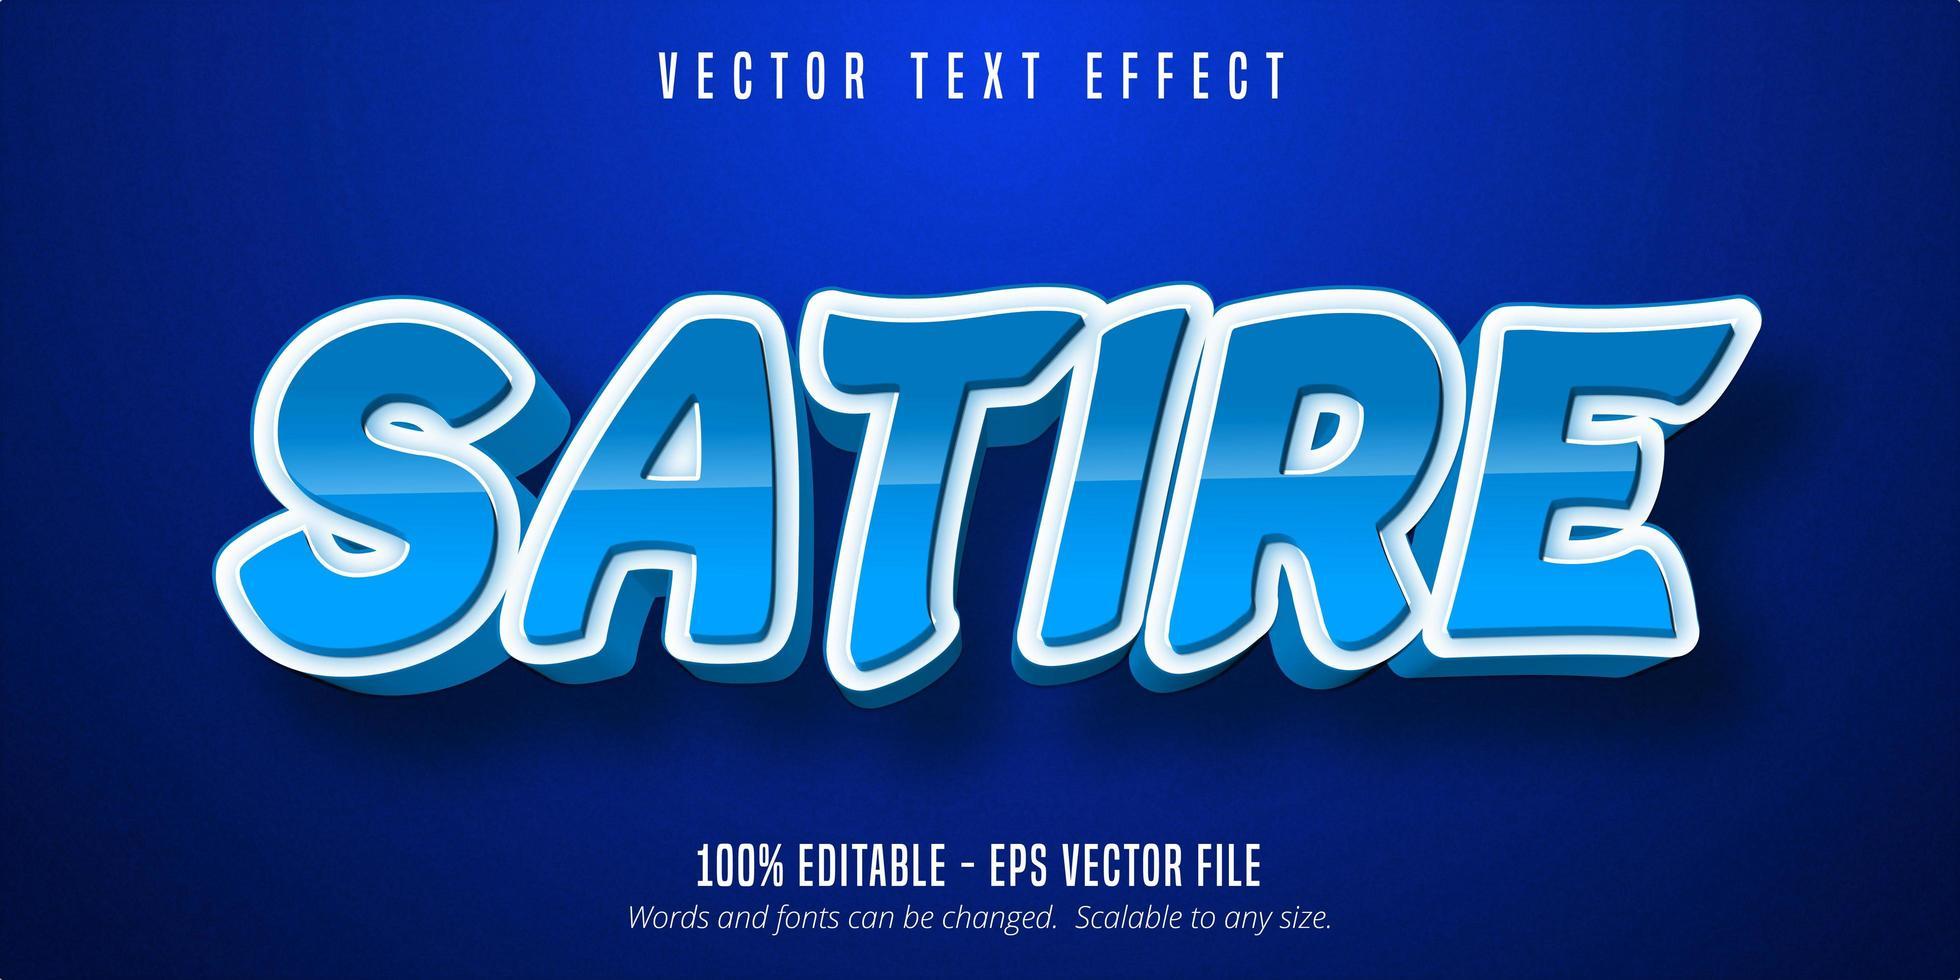 satire teksteffect vector